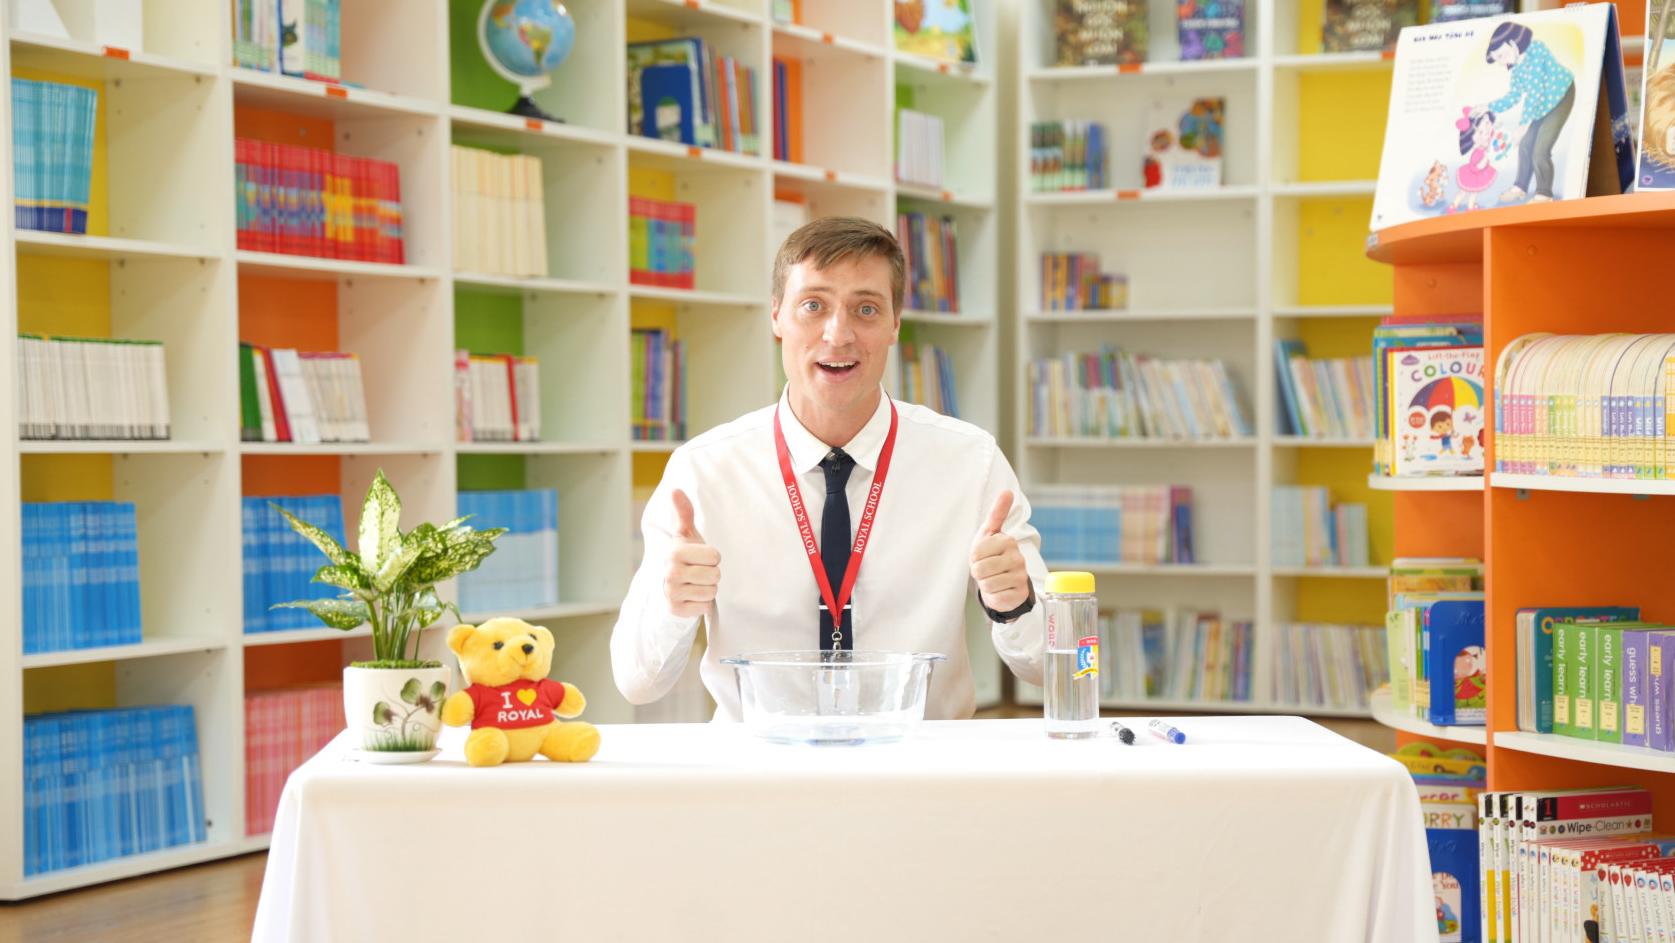 Những video hướng dẫn học tập tại nhà do các thầy cô thực hiện